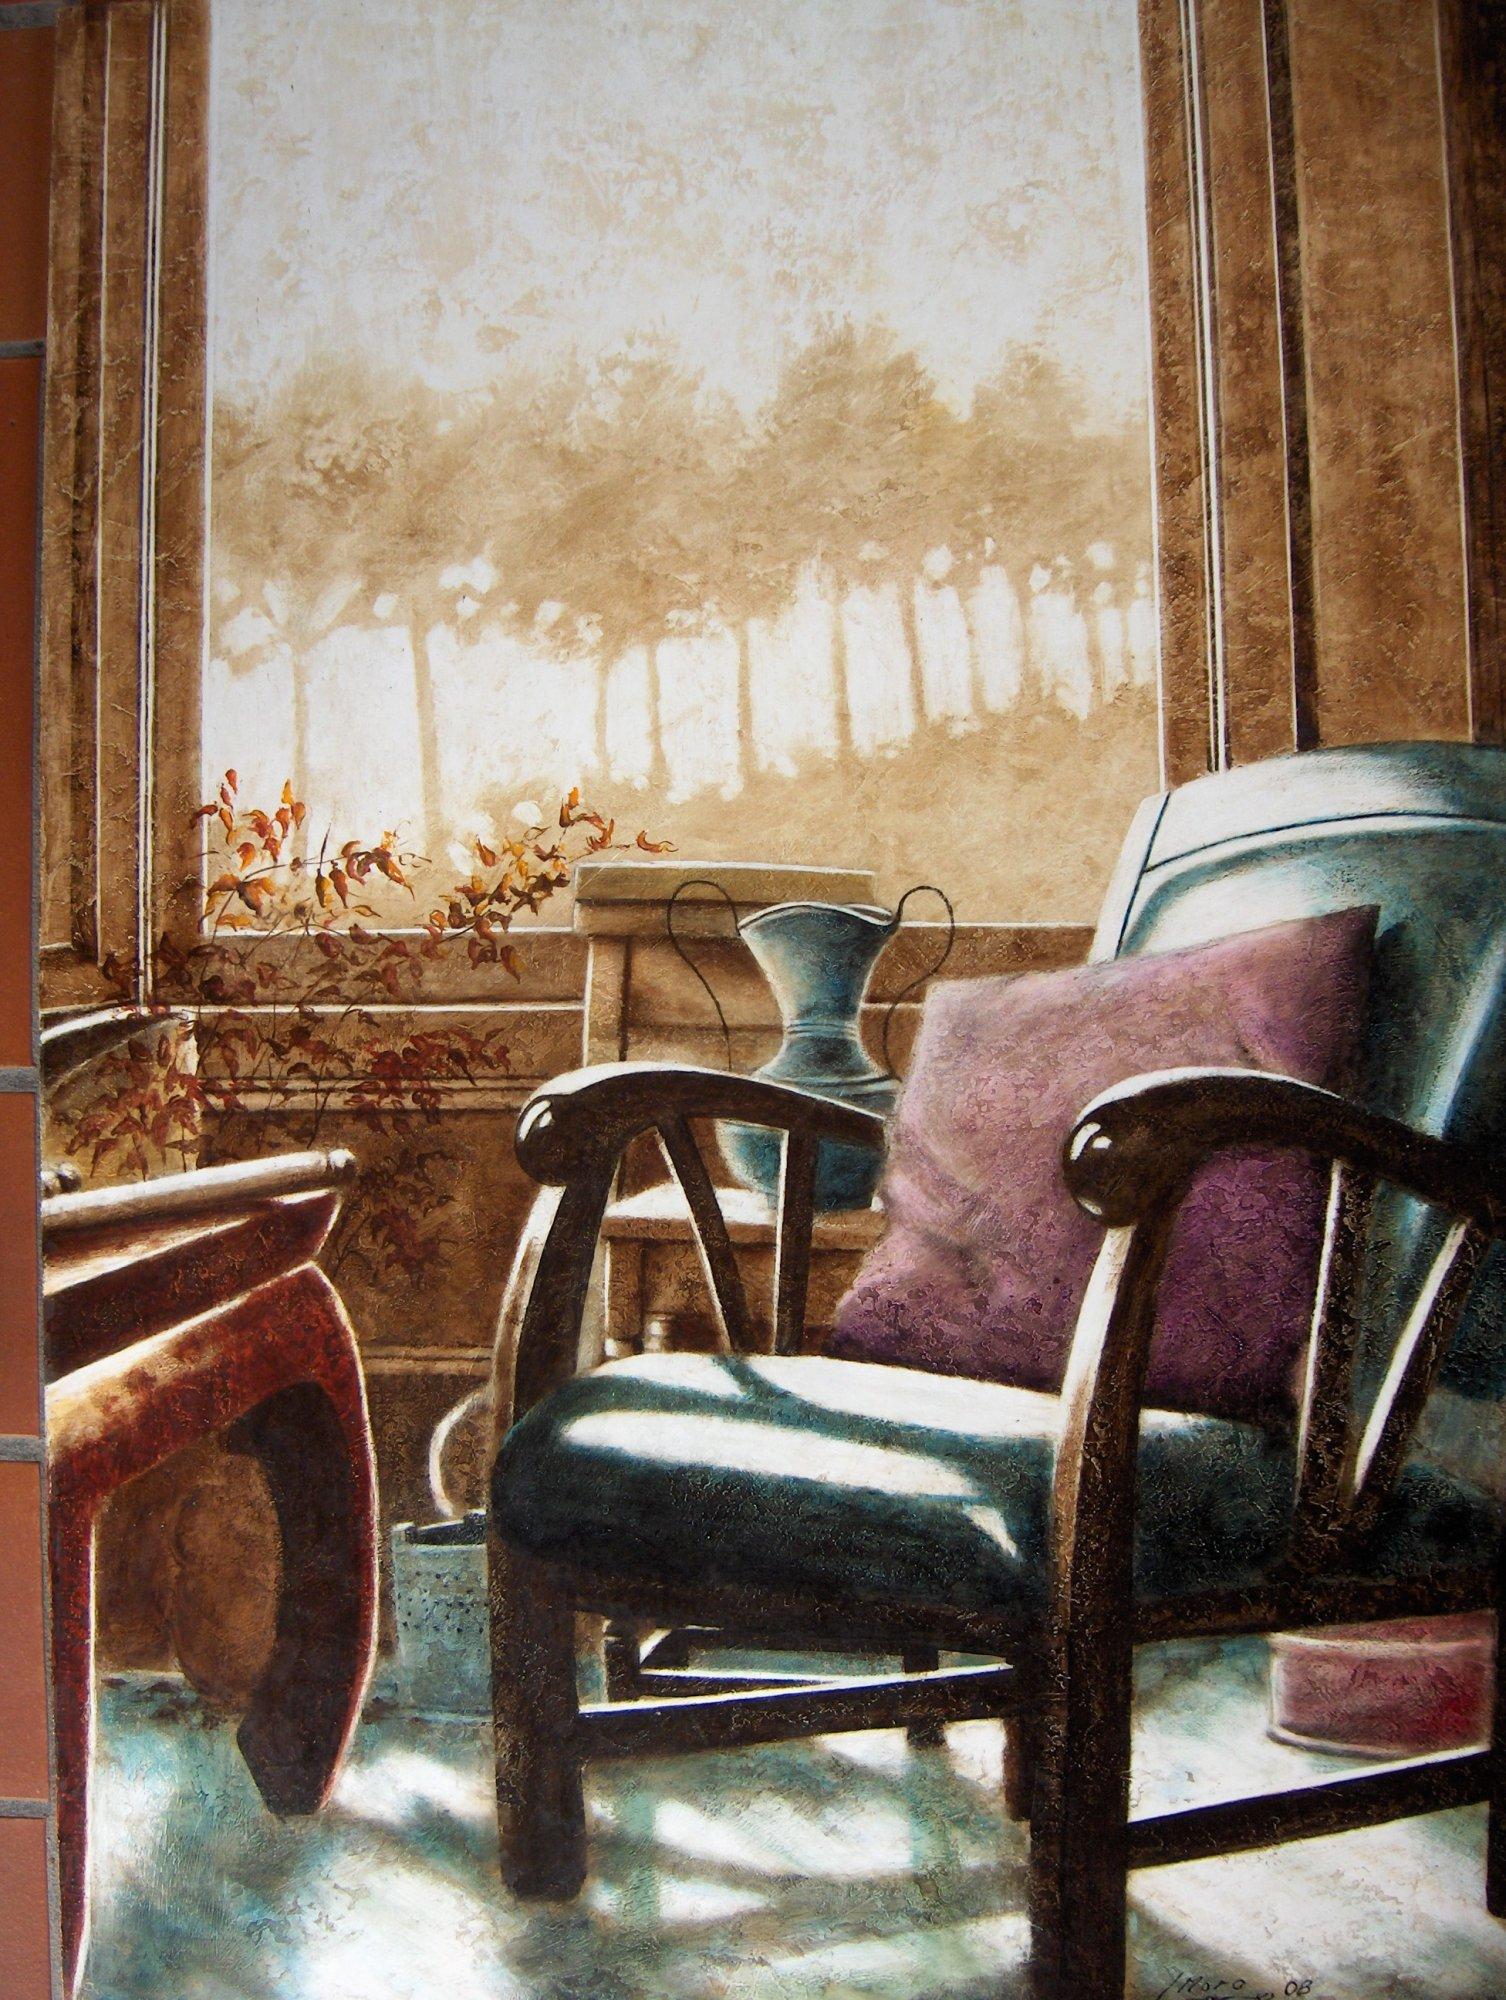 L Angolo Del Relax.L Angolo Del Relax Luigino Moro Artwork Celeste Network